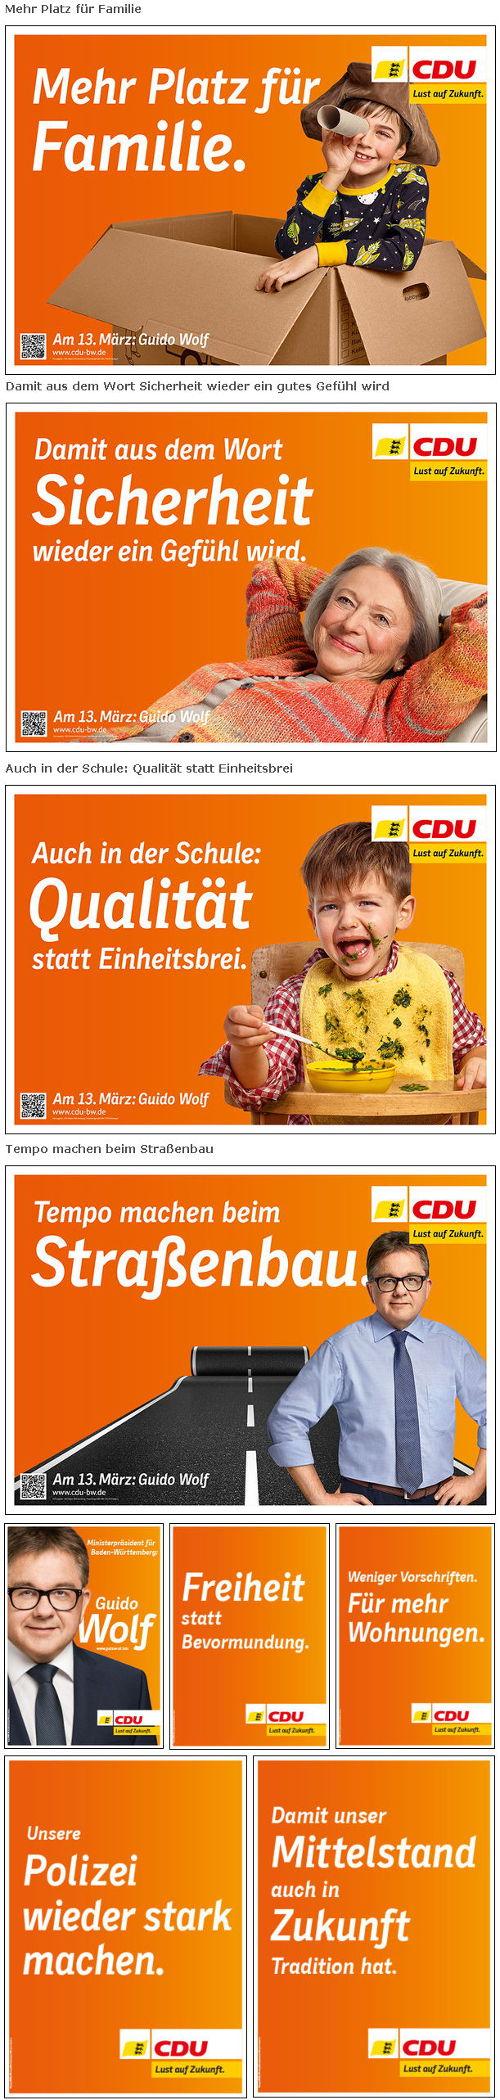 CDU BW - Bidlquelle: Zusammengefügter Screenshot-Ausschnitt www.cdu-bw.de